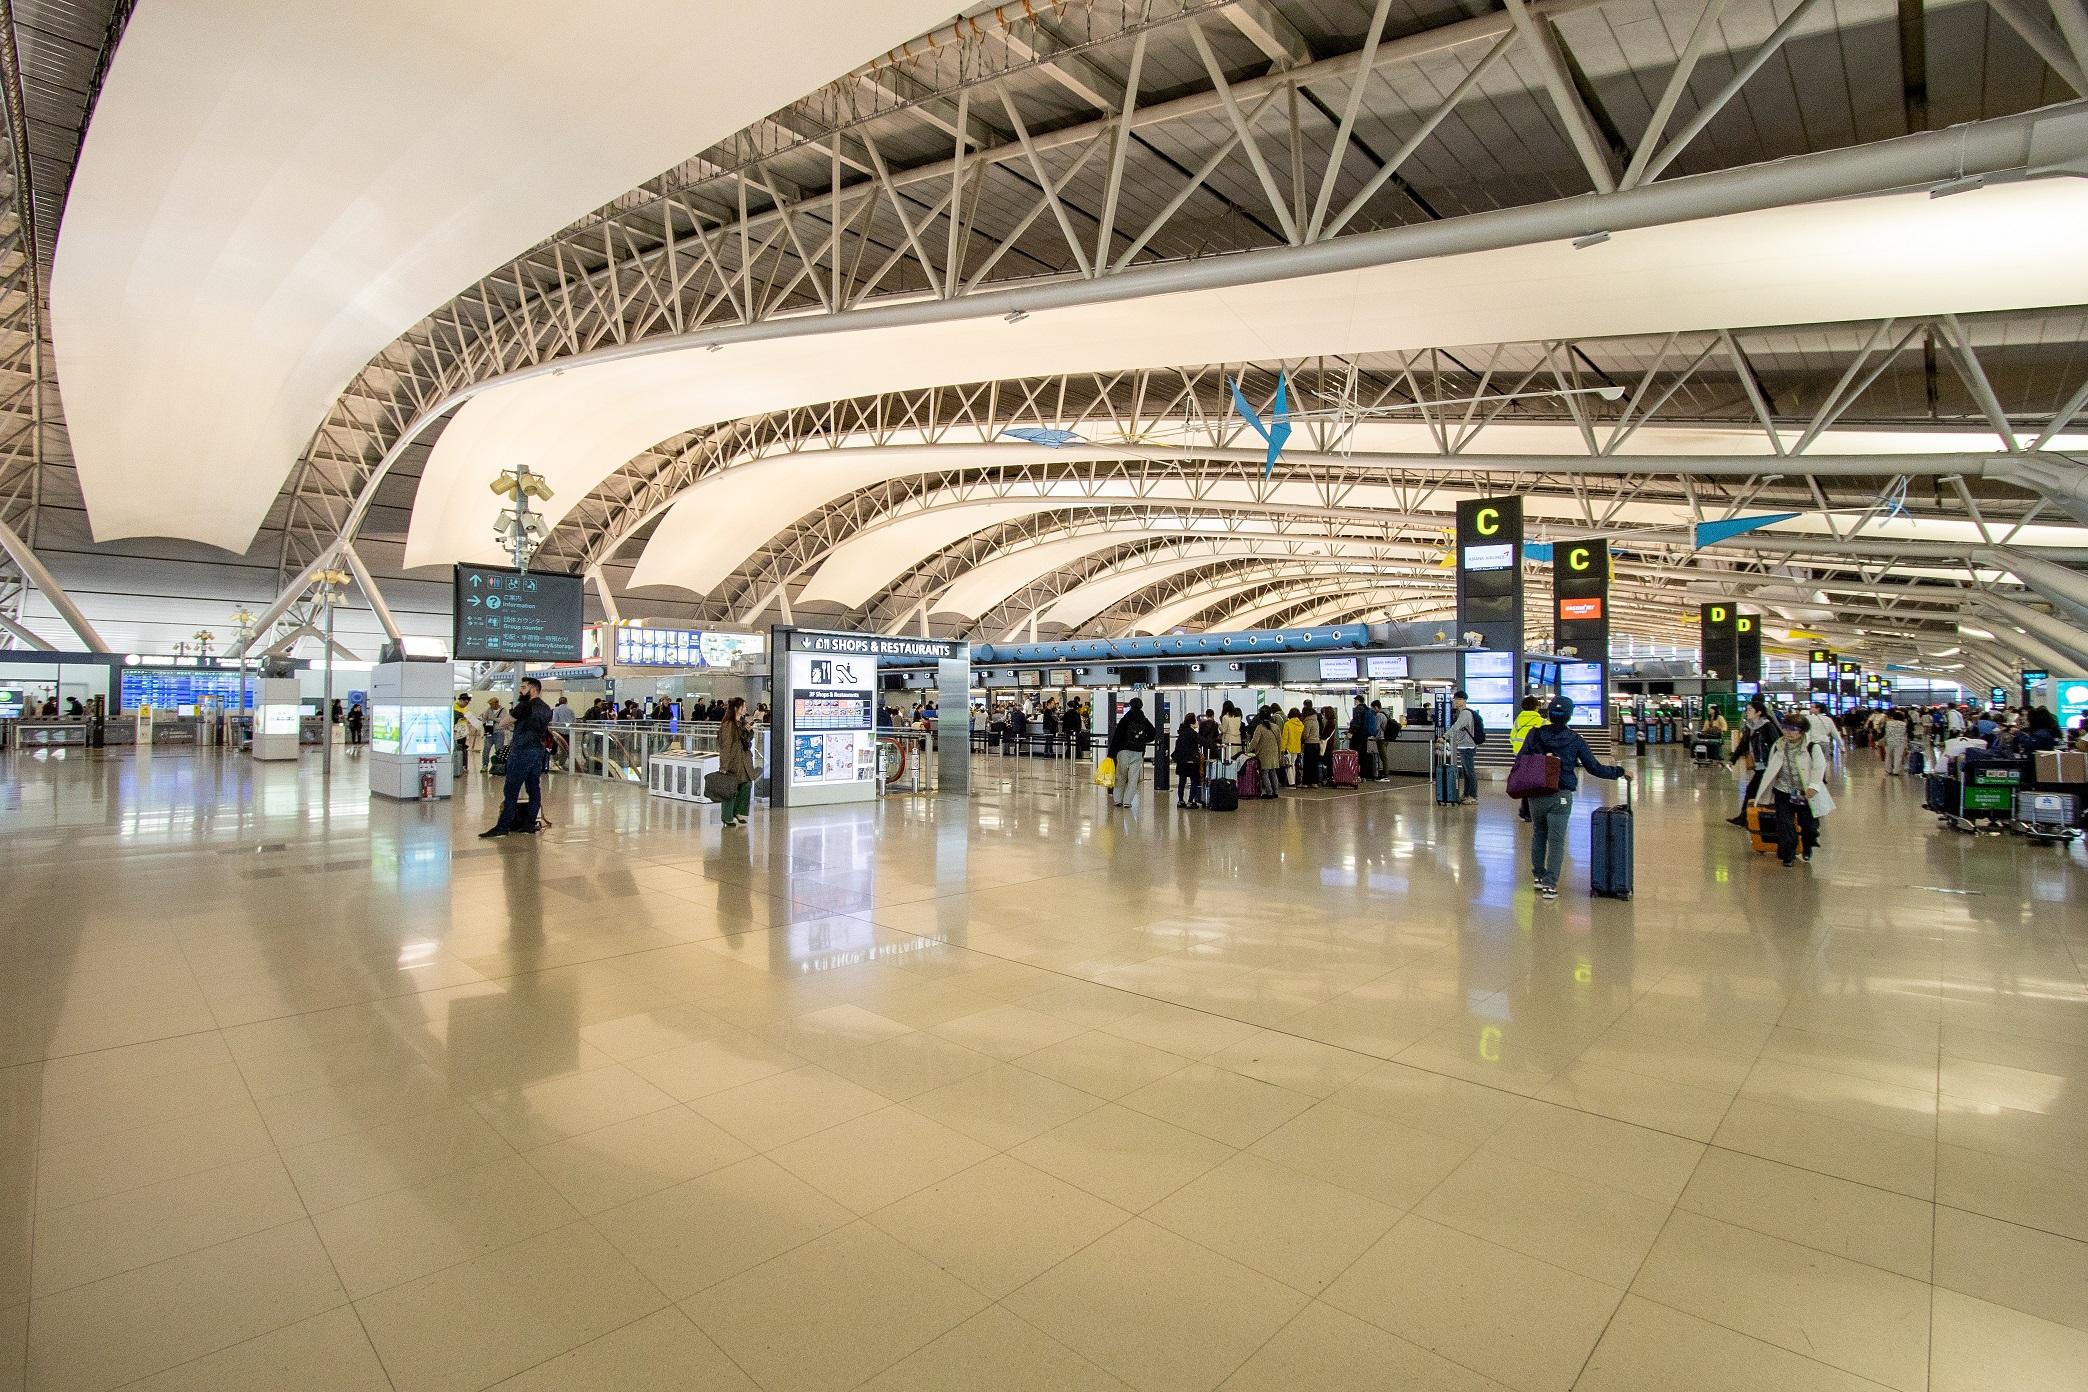 情報 羽田 空港 国際線 発着 羽田空港(国内線)の運航情報